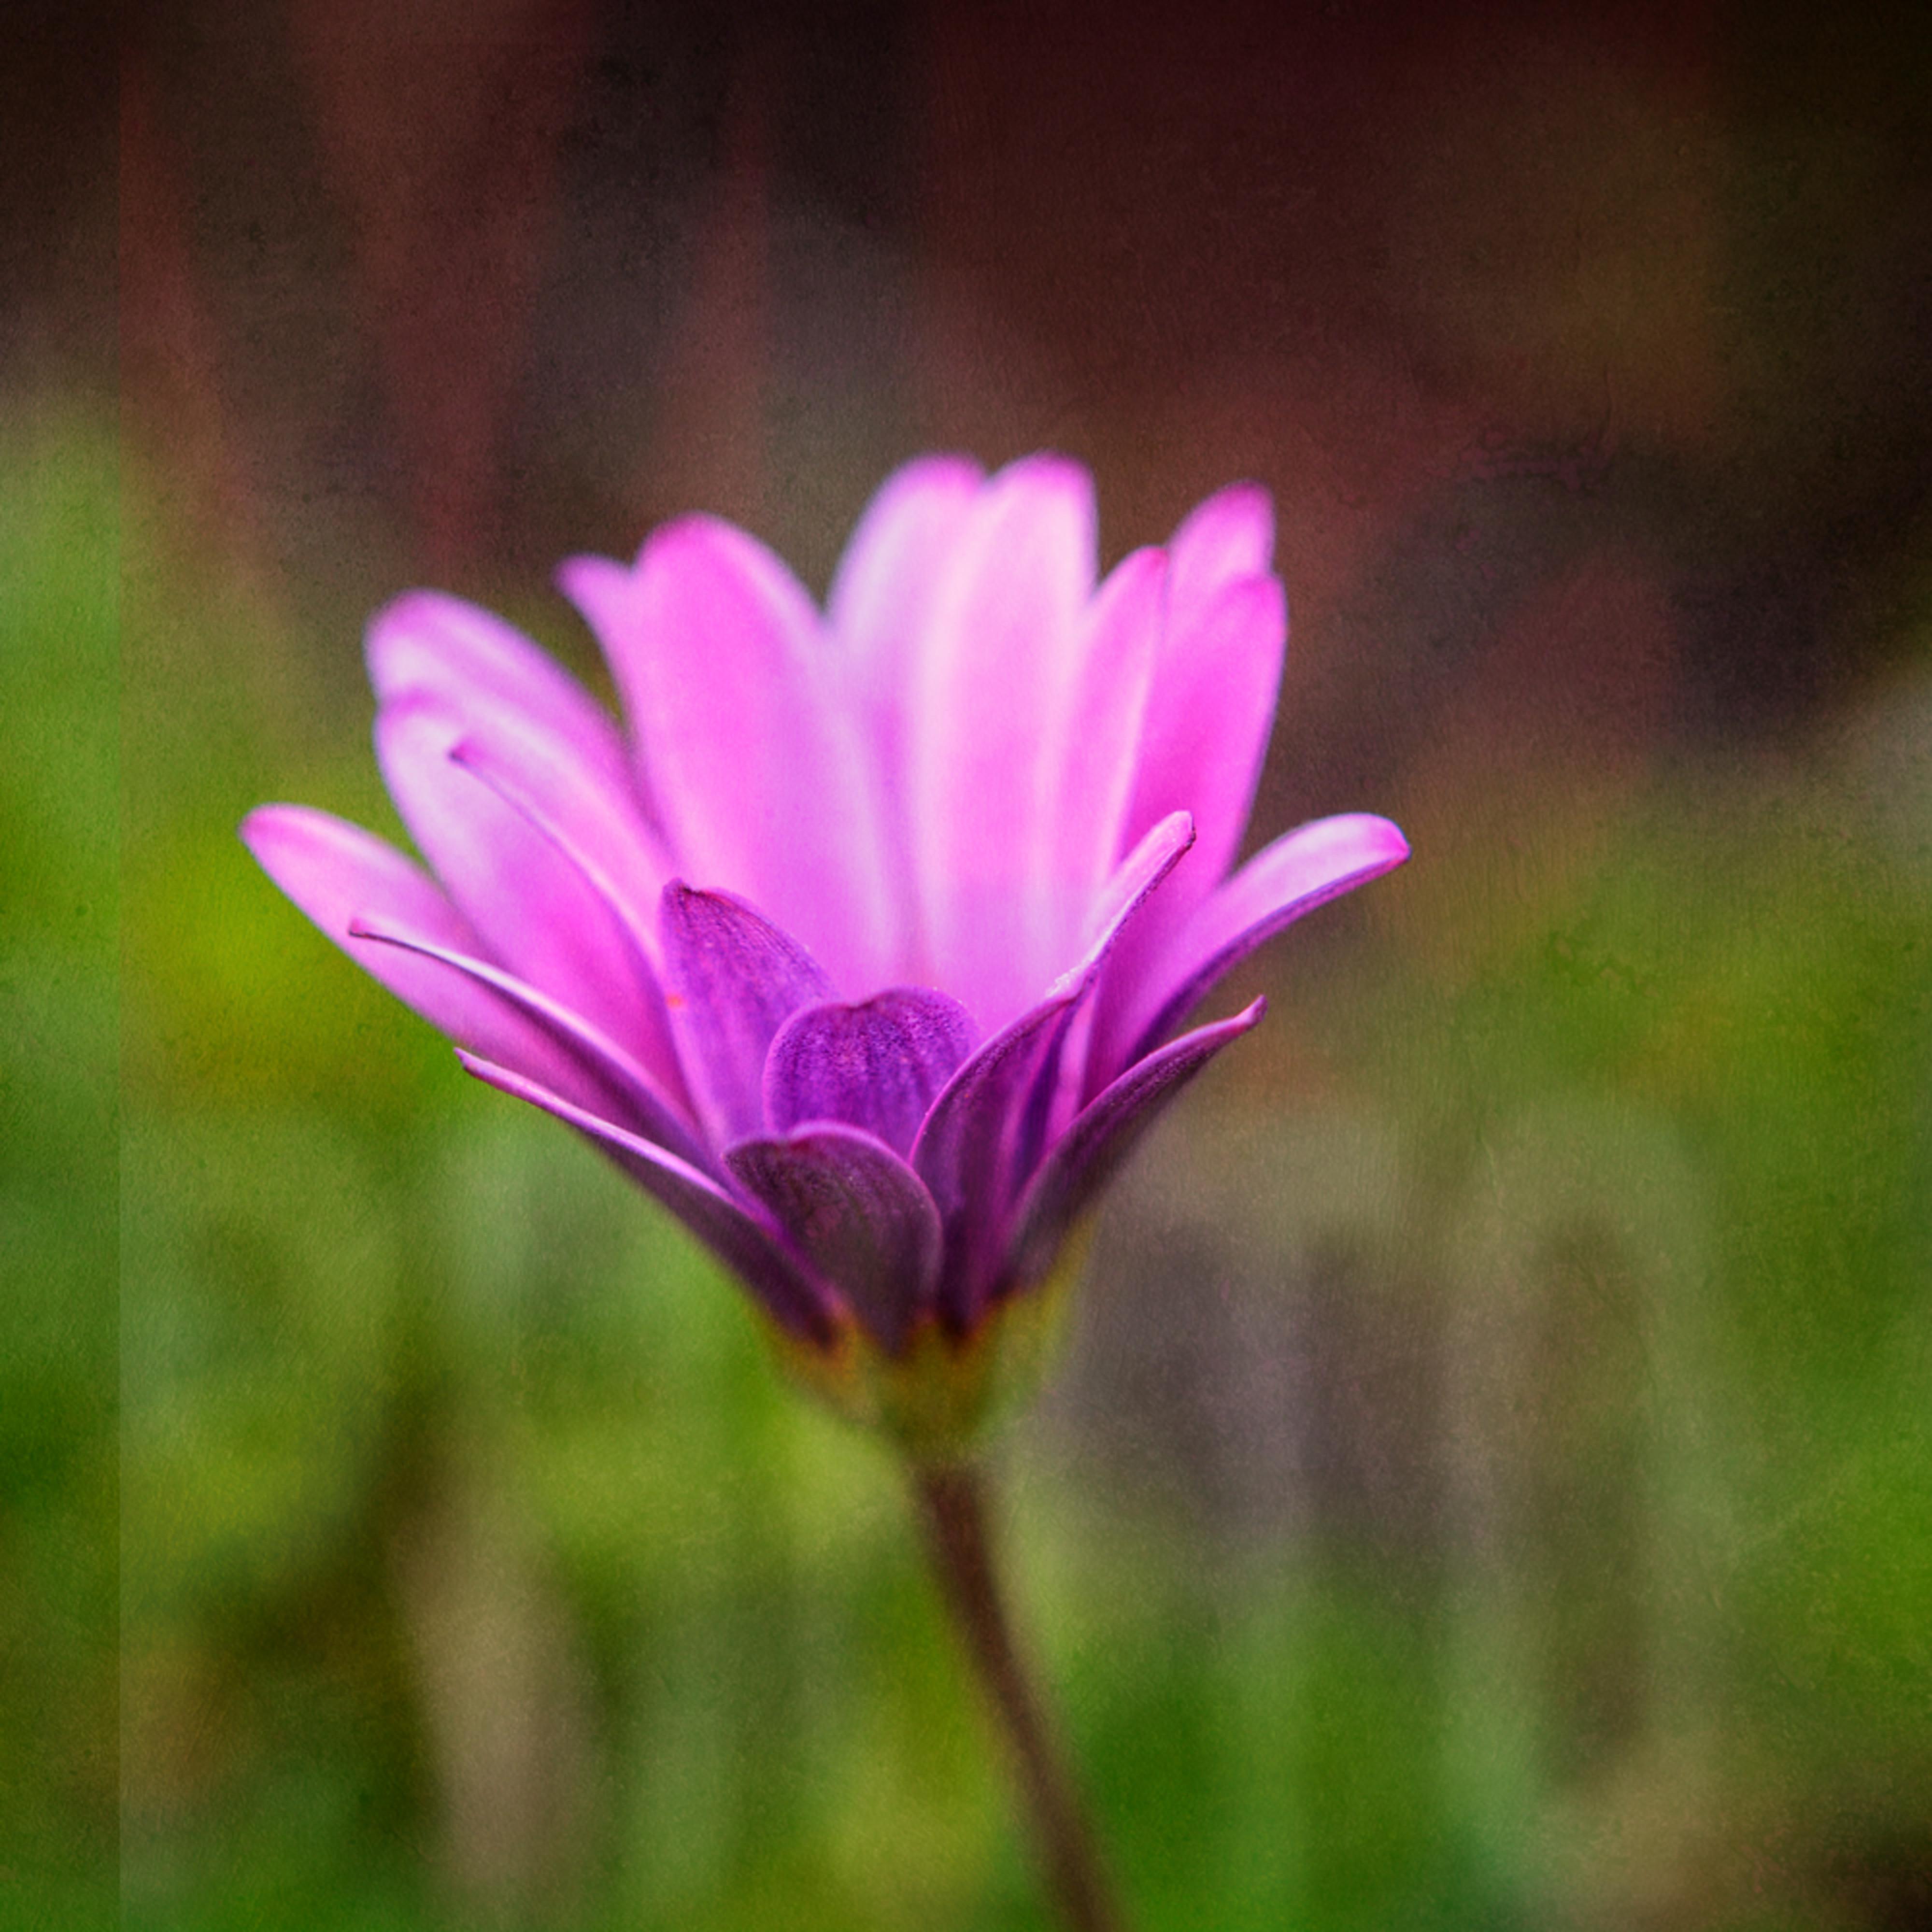 dsc0982 single purple flower kcjx4f